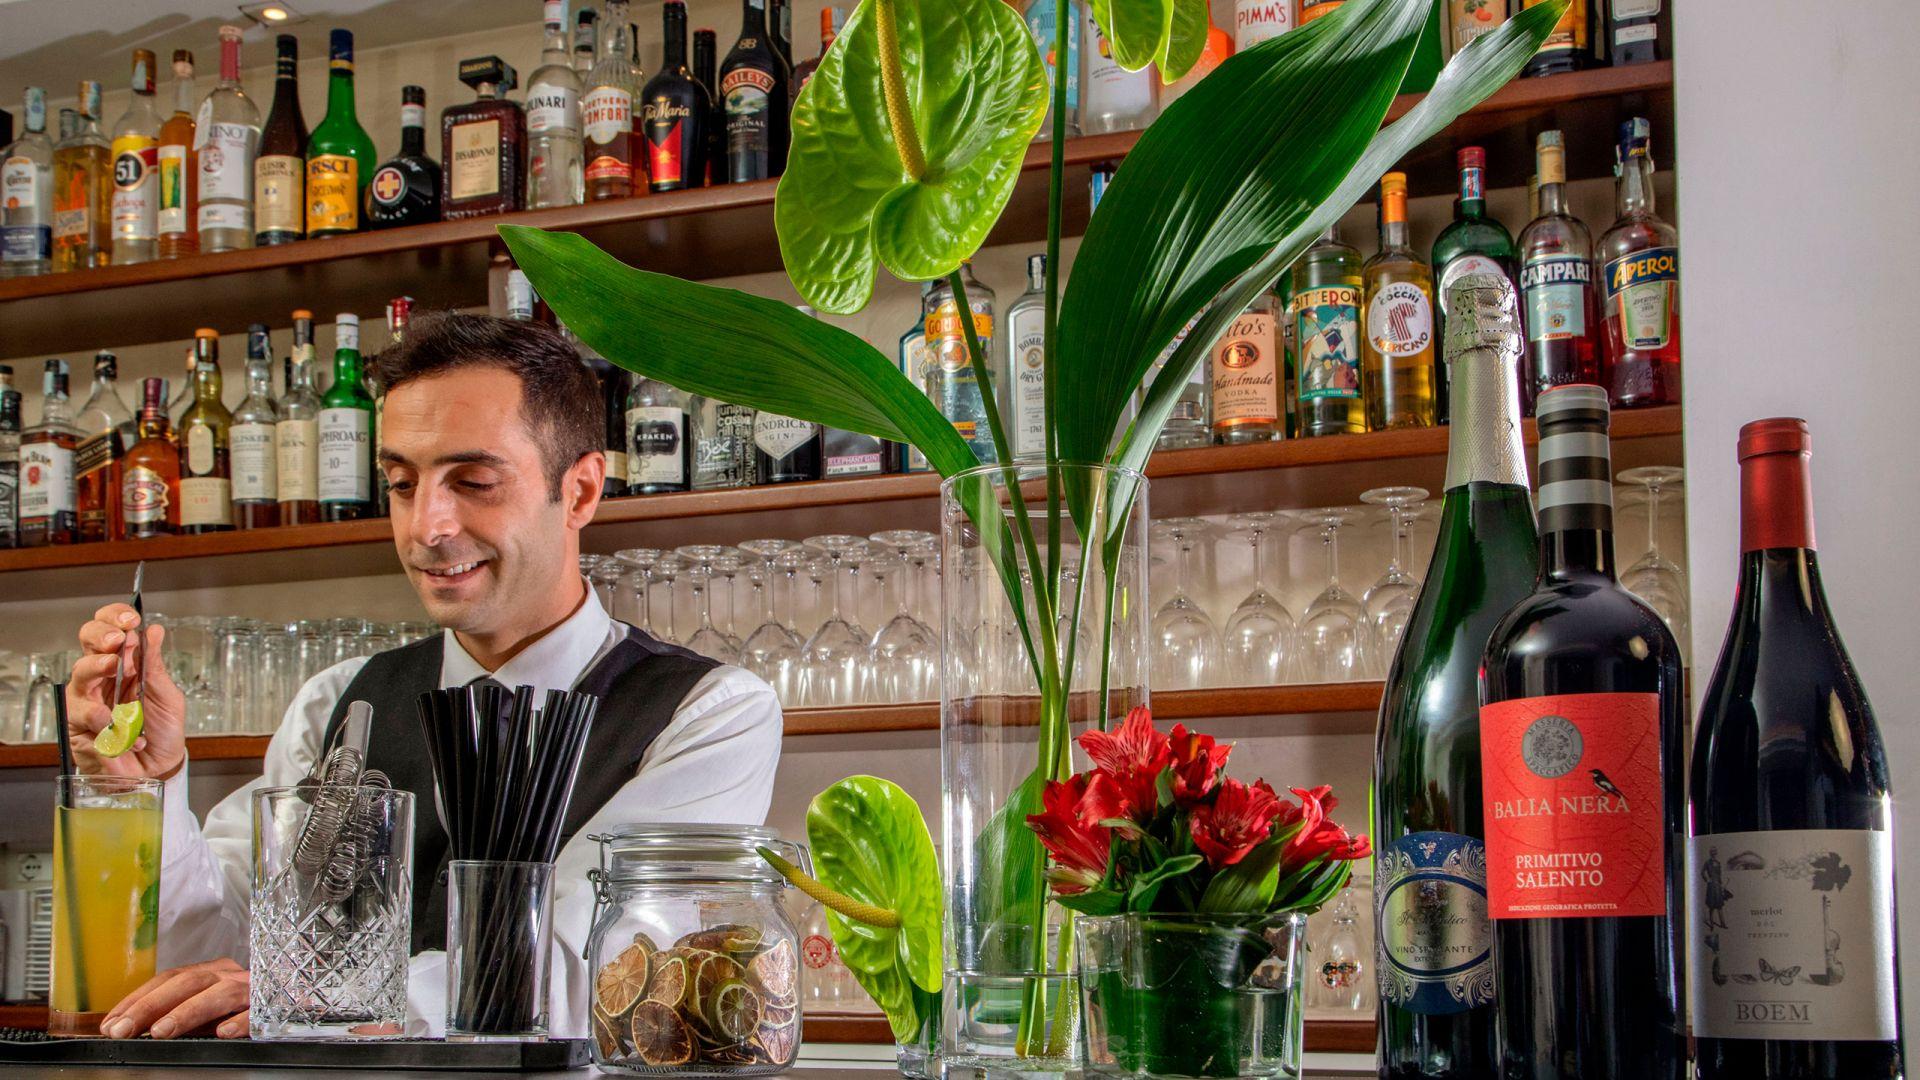 IMG-7118--Hotel-Oxofrd-Roma-Quart-Restaurant.jpg